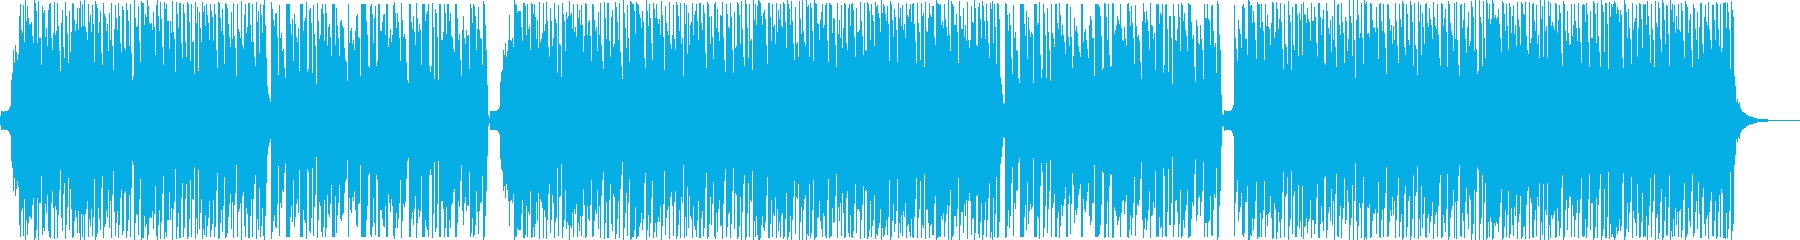 和楽器を使った明るいダンスミュージックの再生済みの波形